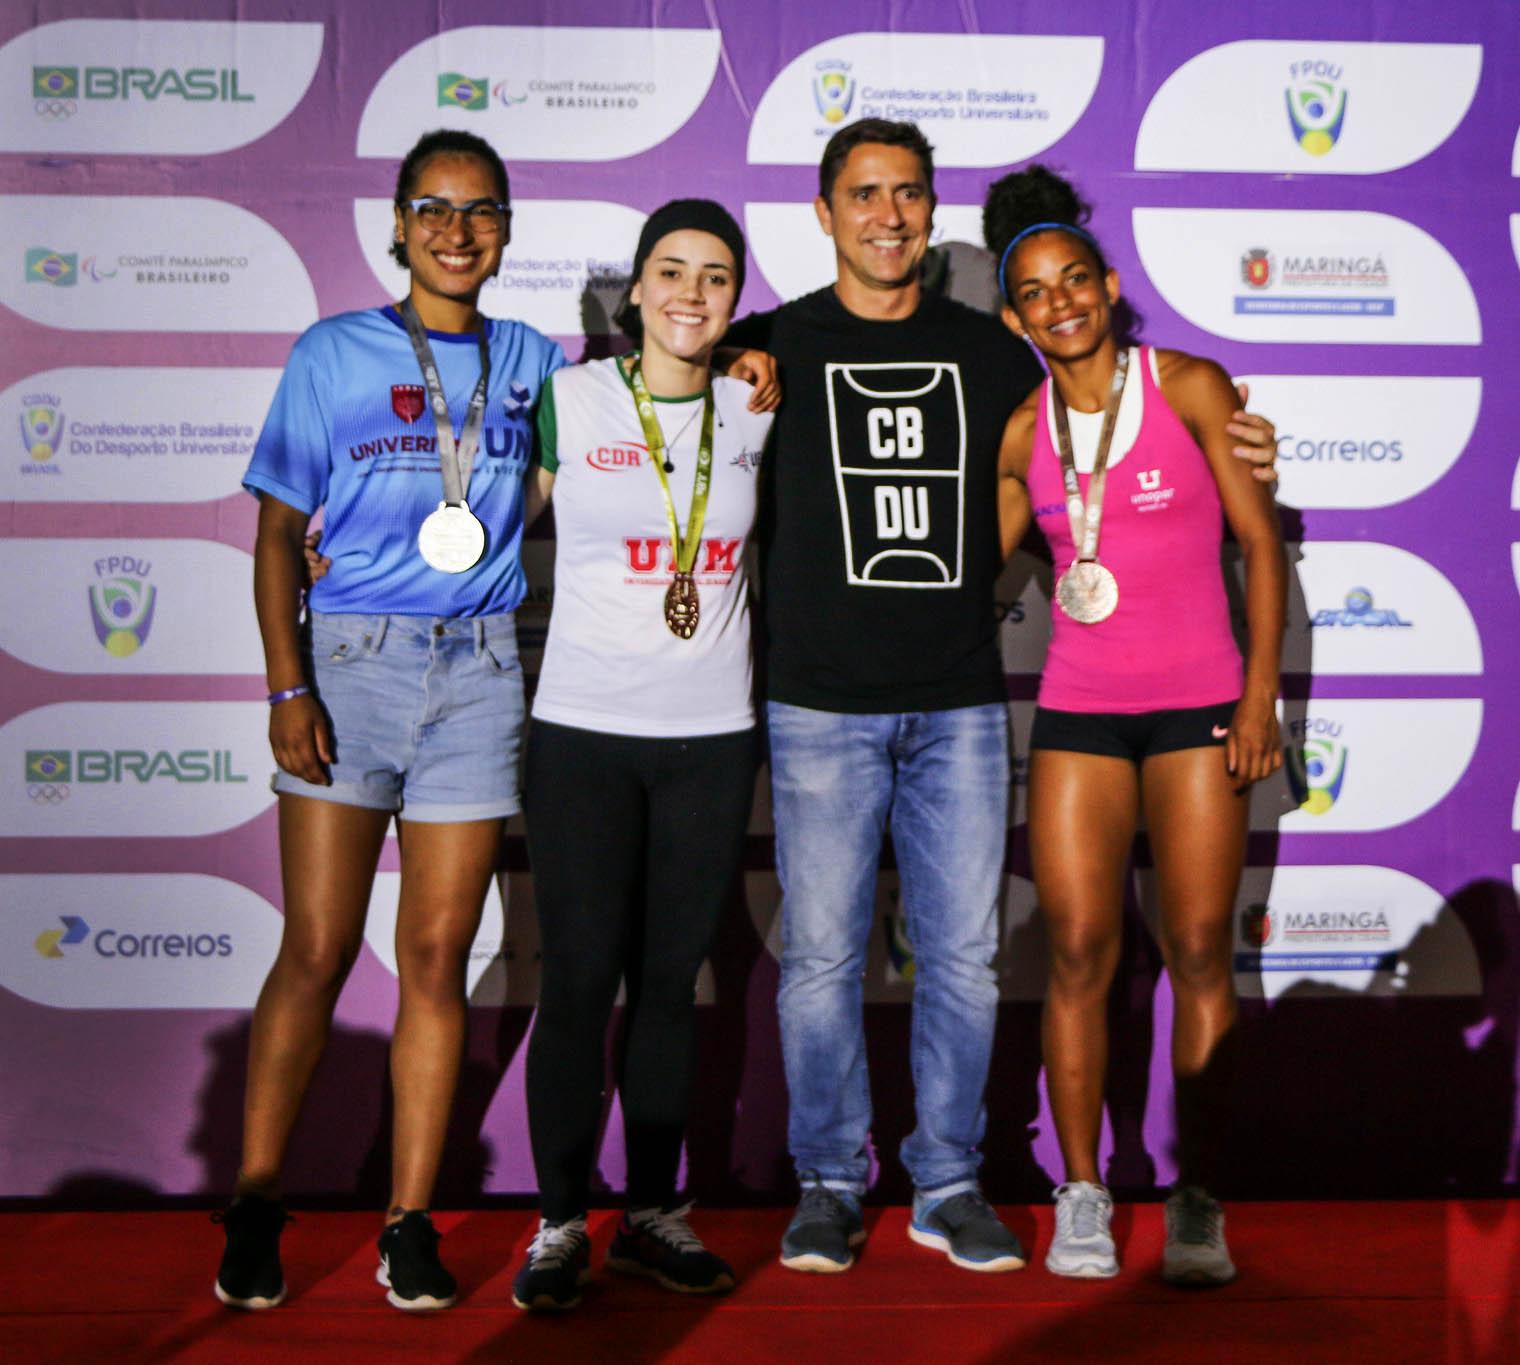 Atletas da UEM são os primeiros no atletismo, ciclismo e trabalhos científicos, nos Jogos Universitários Brasileiros